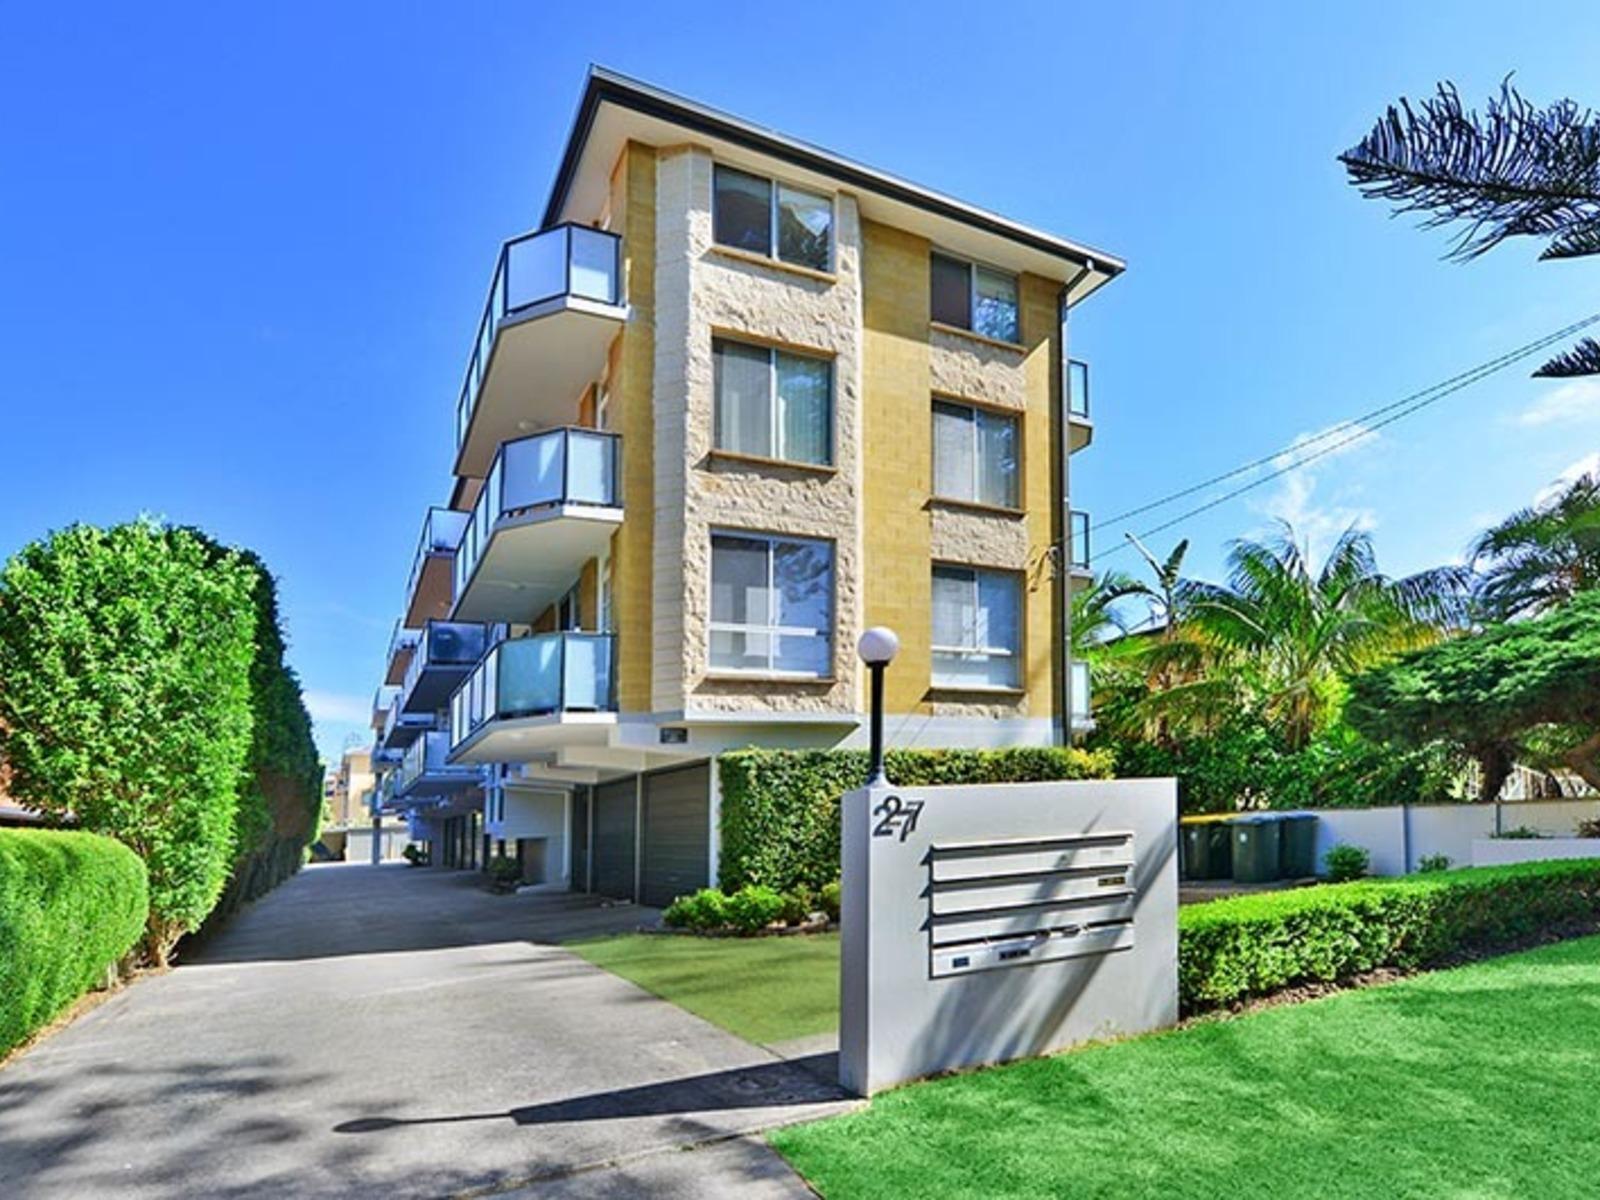 6 / 27 Seabeach Avenue, Mona Vale